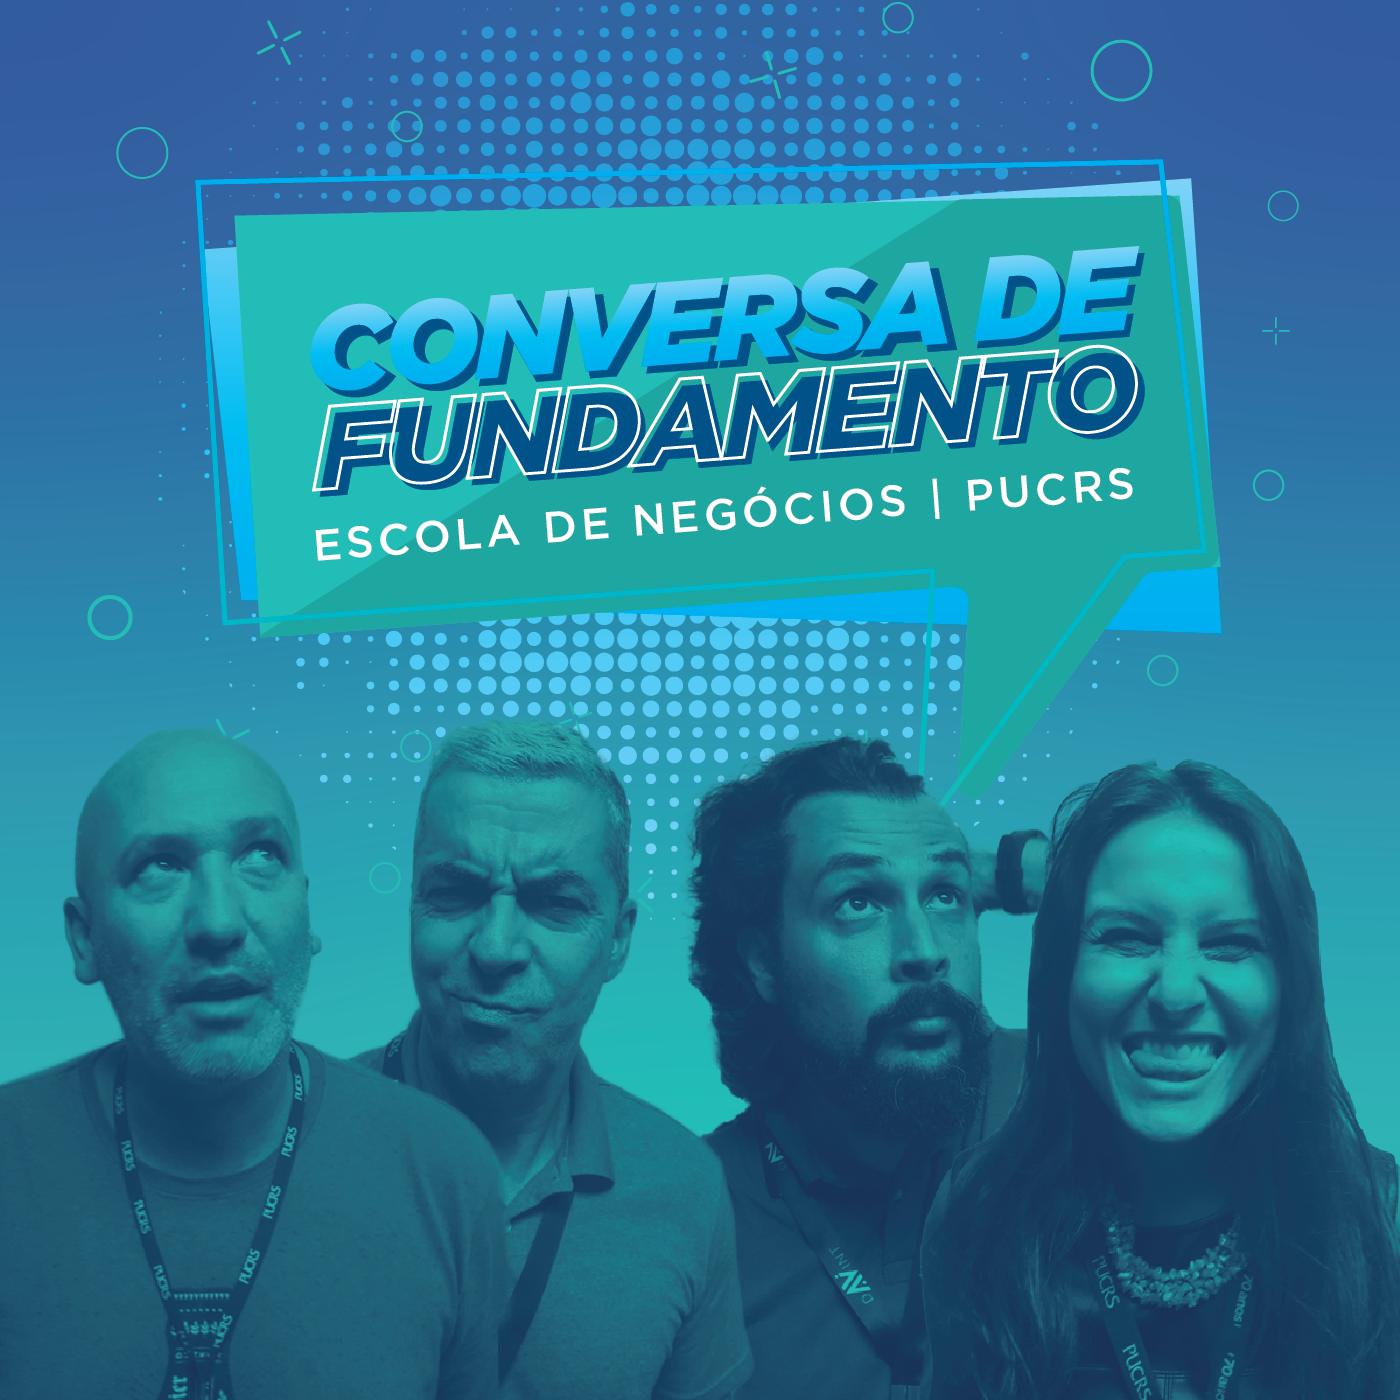 Conversa de fundamento: podcast da Escola de Negócios comemora um ano - Programa conduzido por professores da PUCRS promove debates sobre inclusão digital, economia, saúde e muito mais